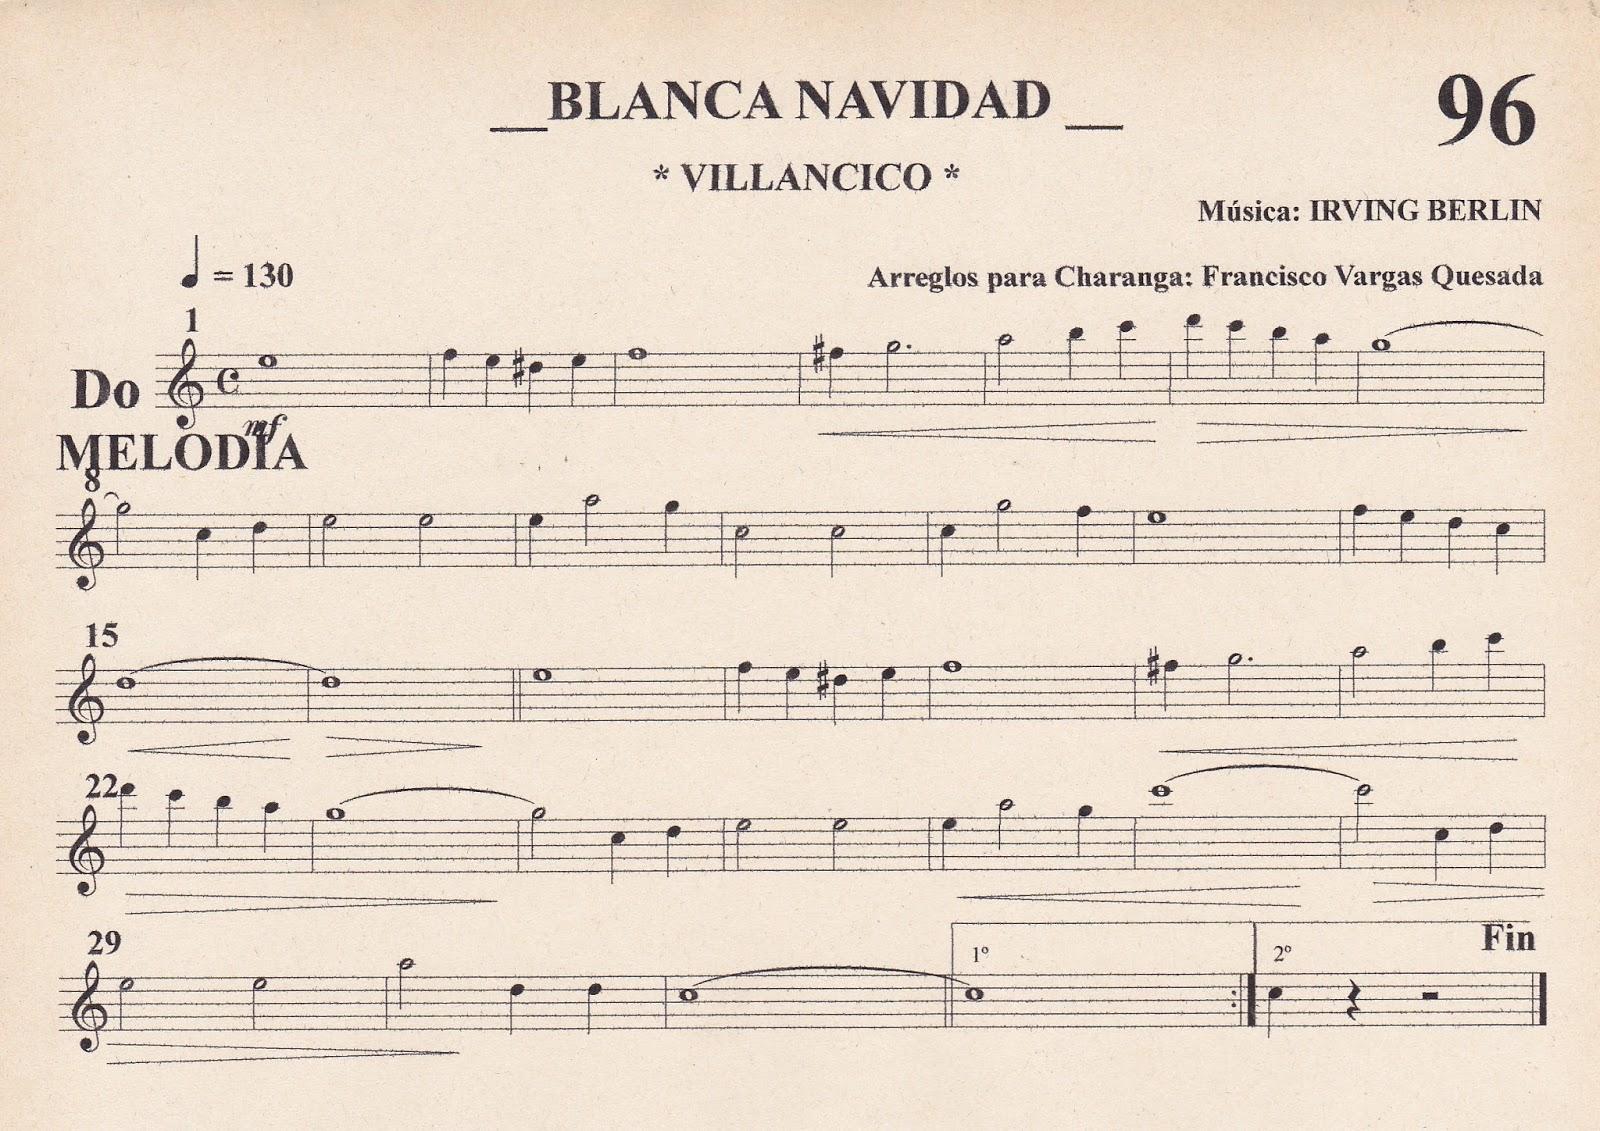 Paco vargas saxofonista blanca navidad - Blanca navidad partitura ...